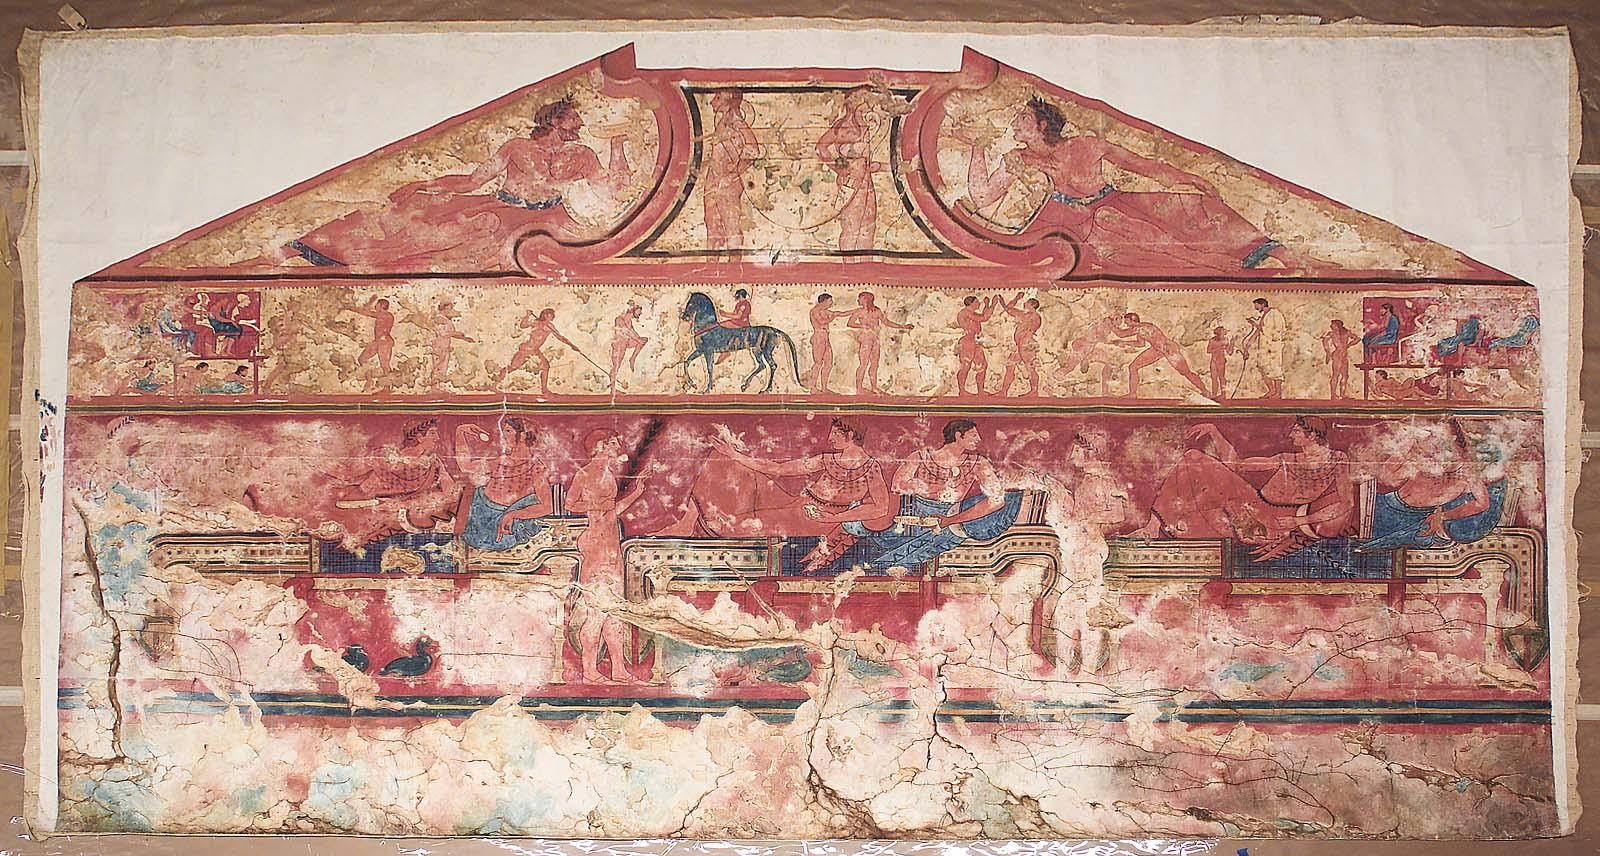 Гробница Колесниц. Изображение на задней стене